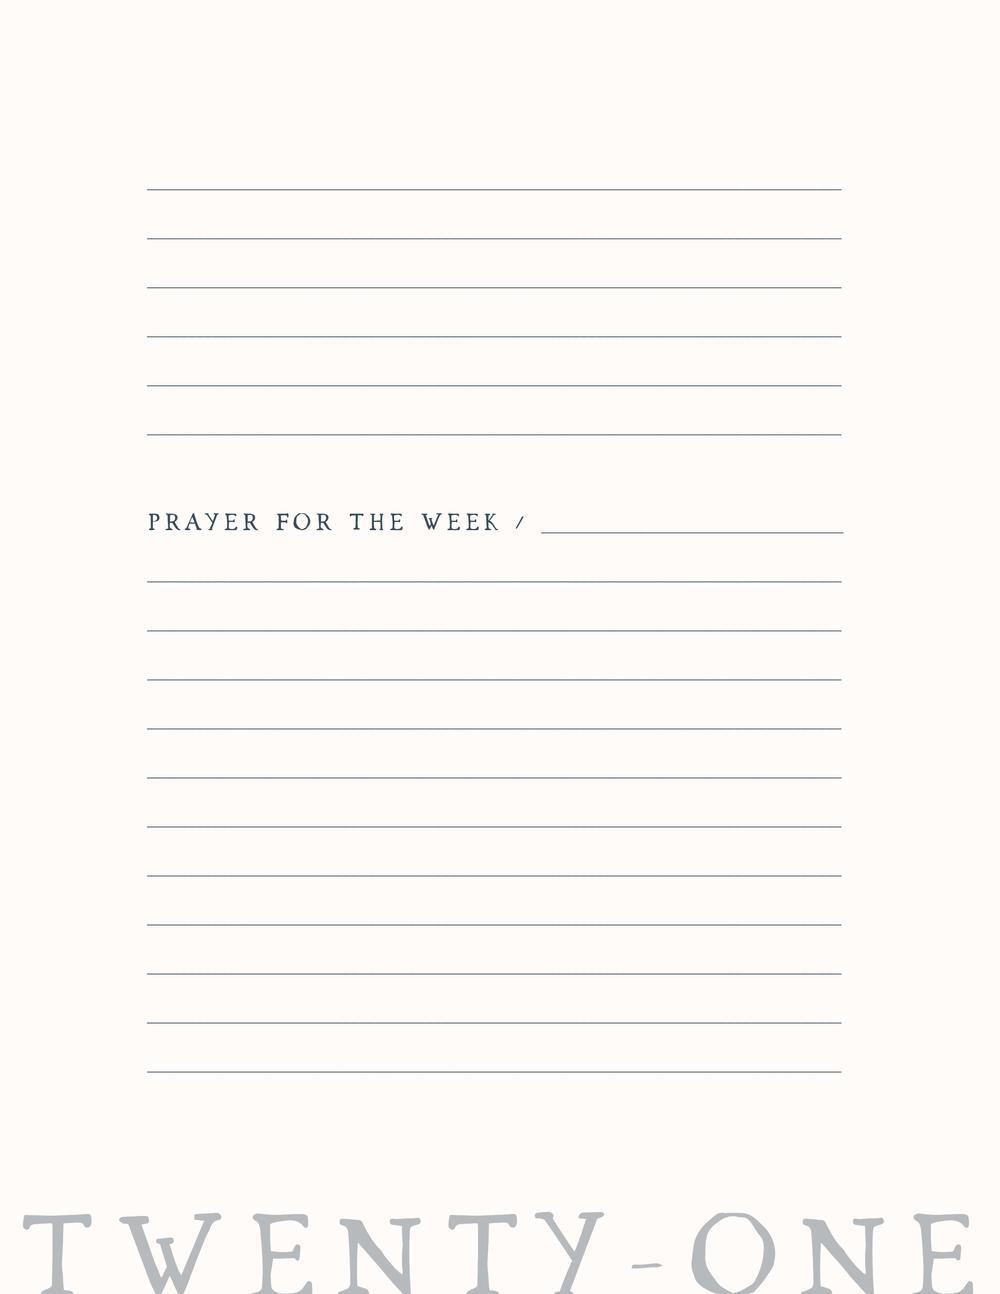 week212.png